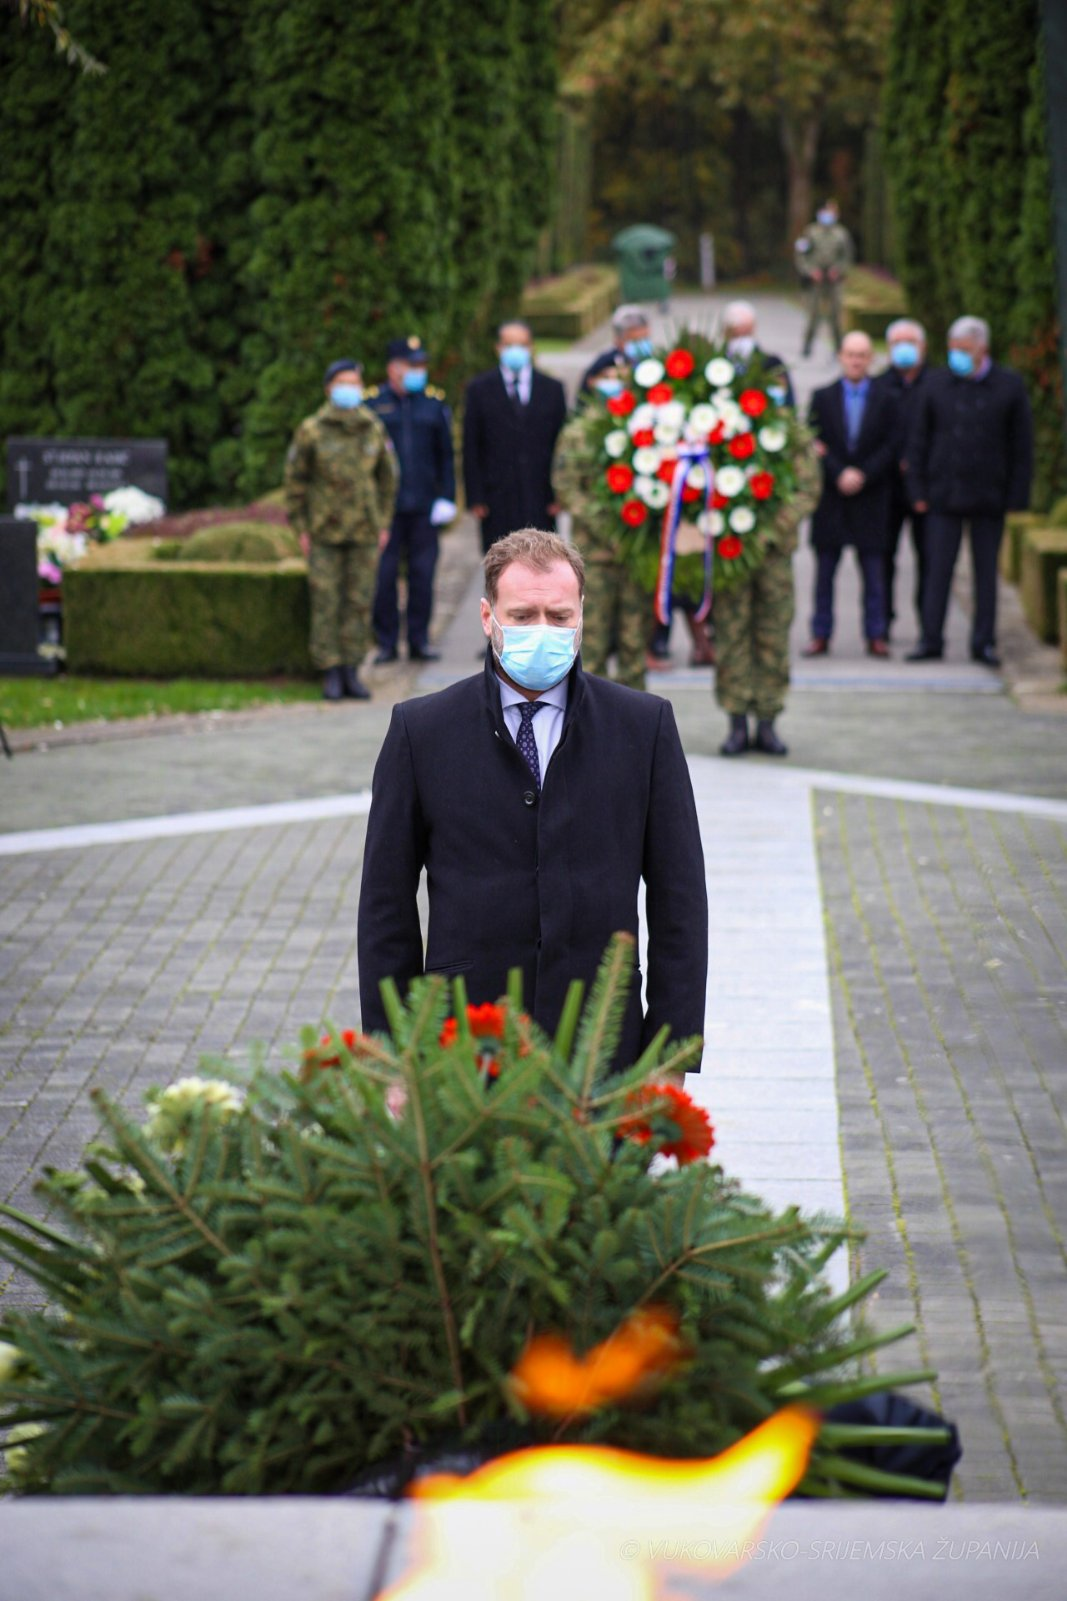 Ministar Banožić na obilježavanju Dana Vukovarsko-srijemske županije